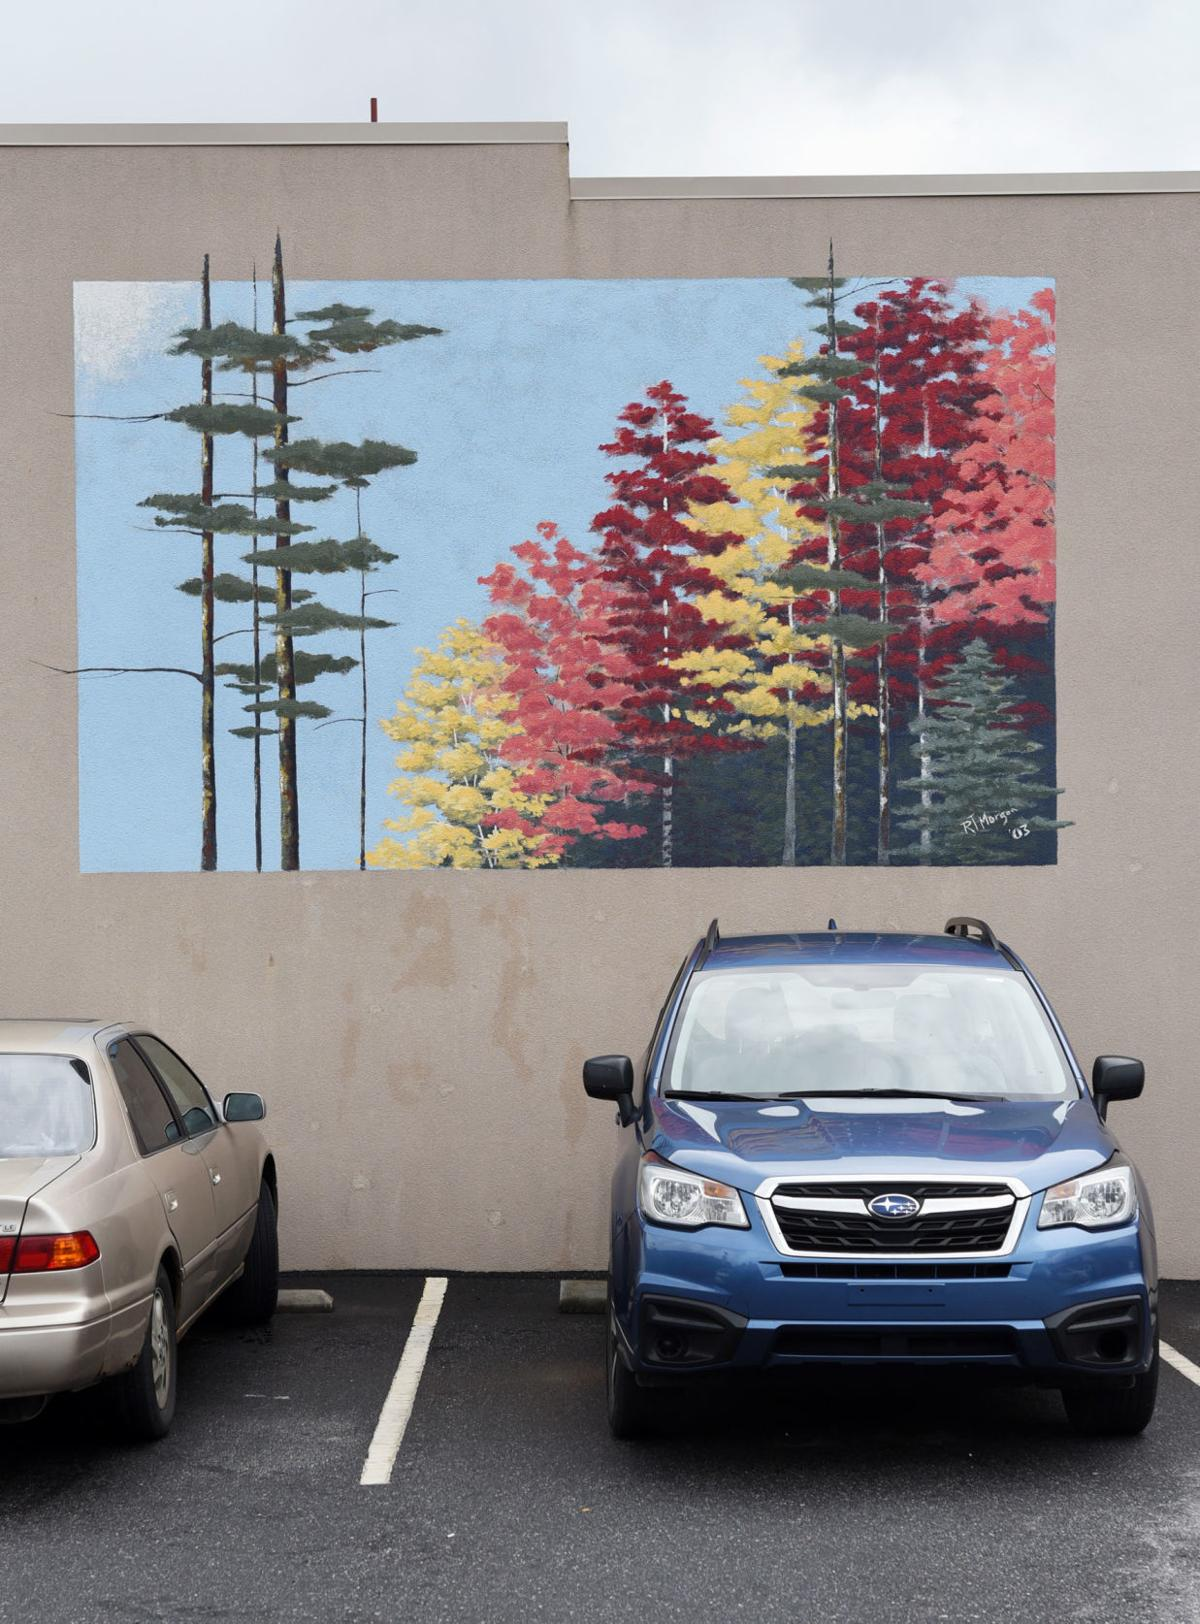 West Jefferson murals